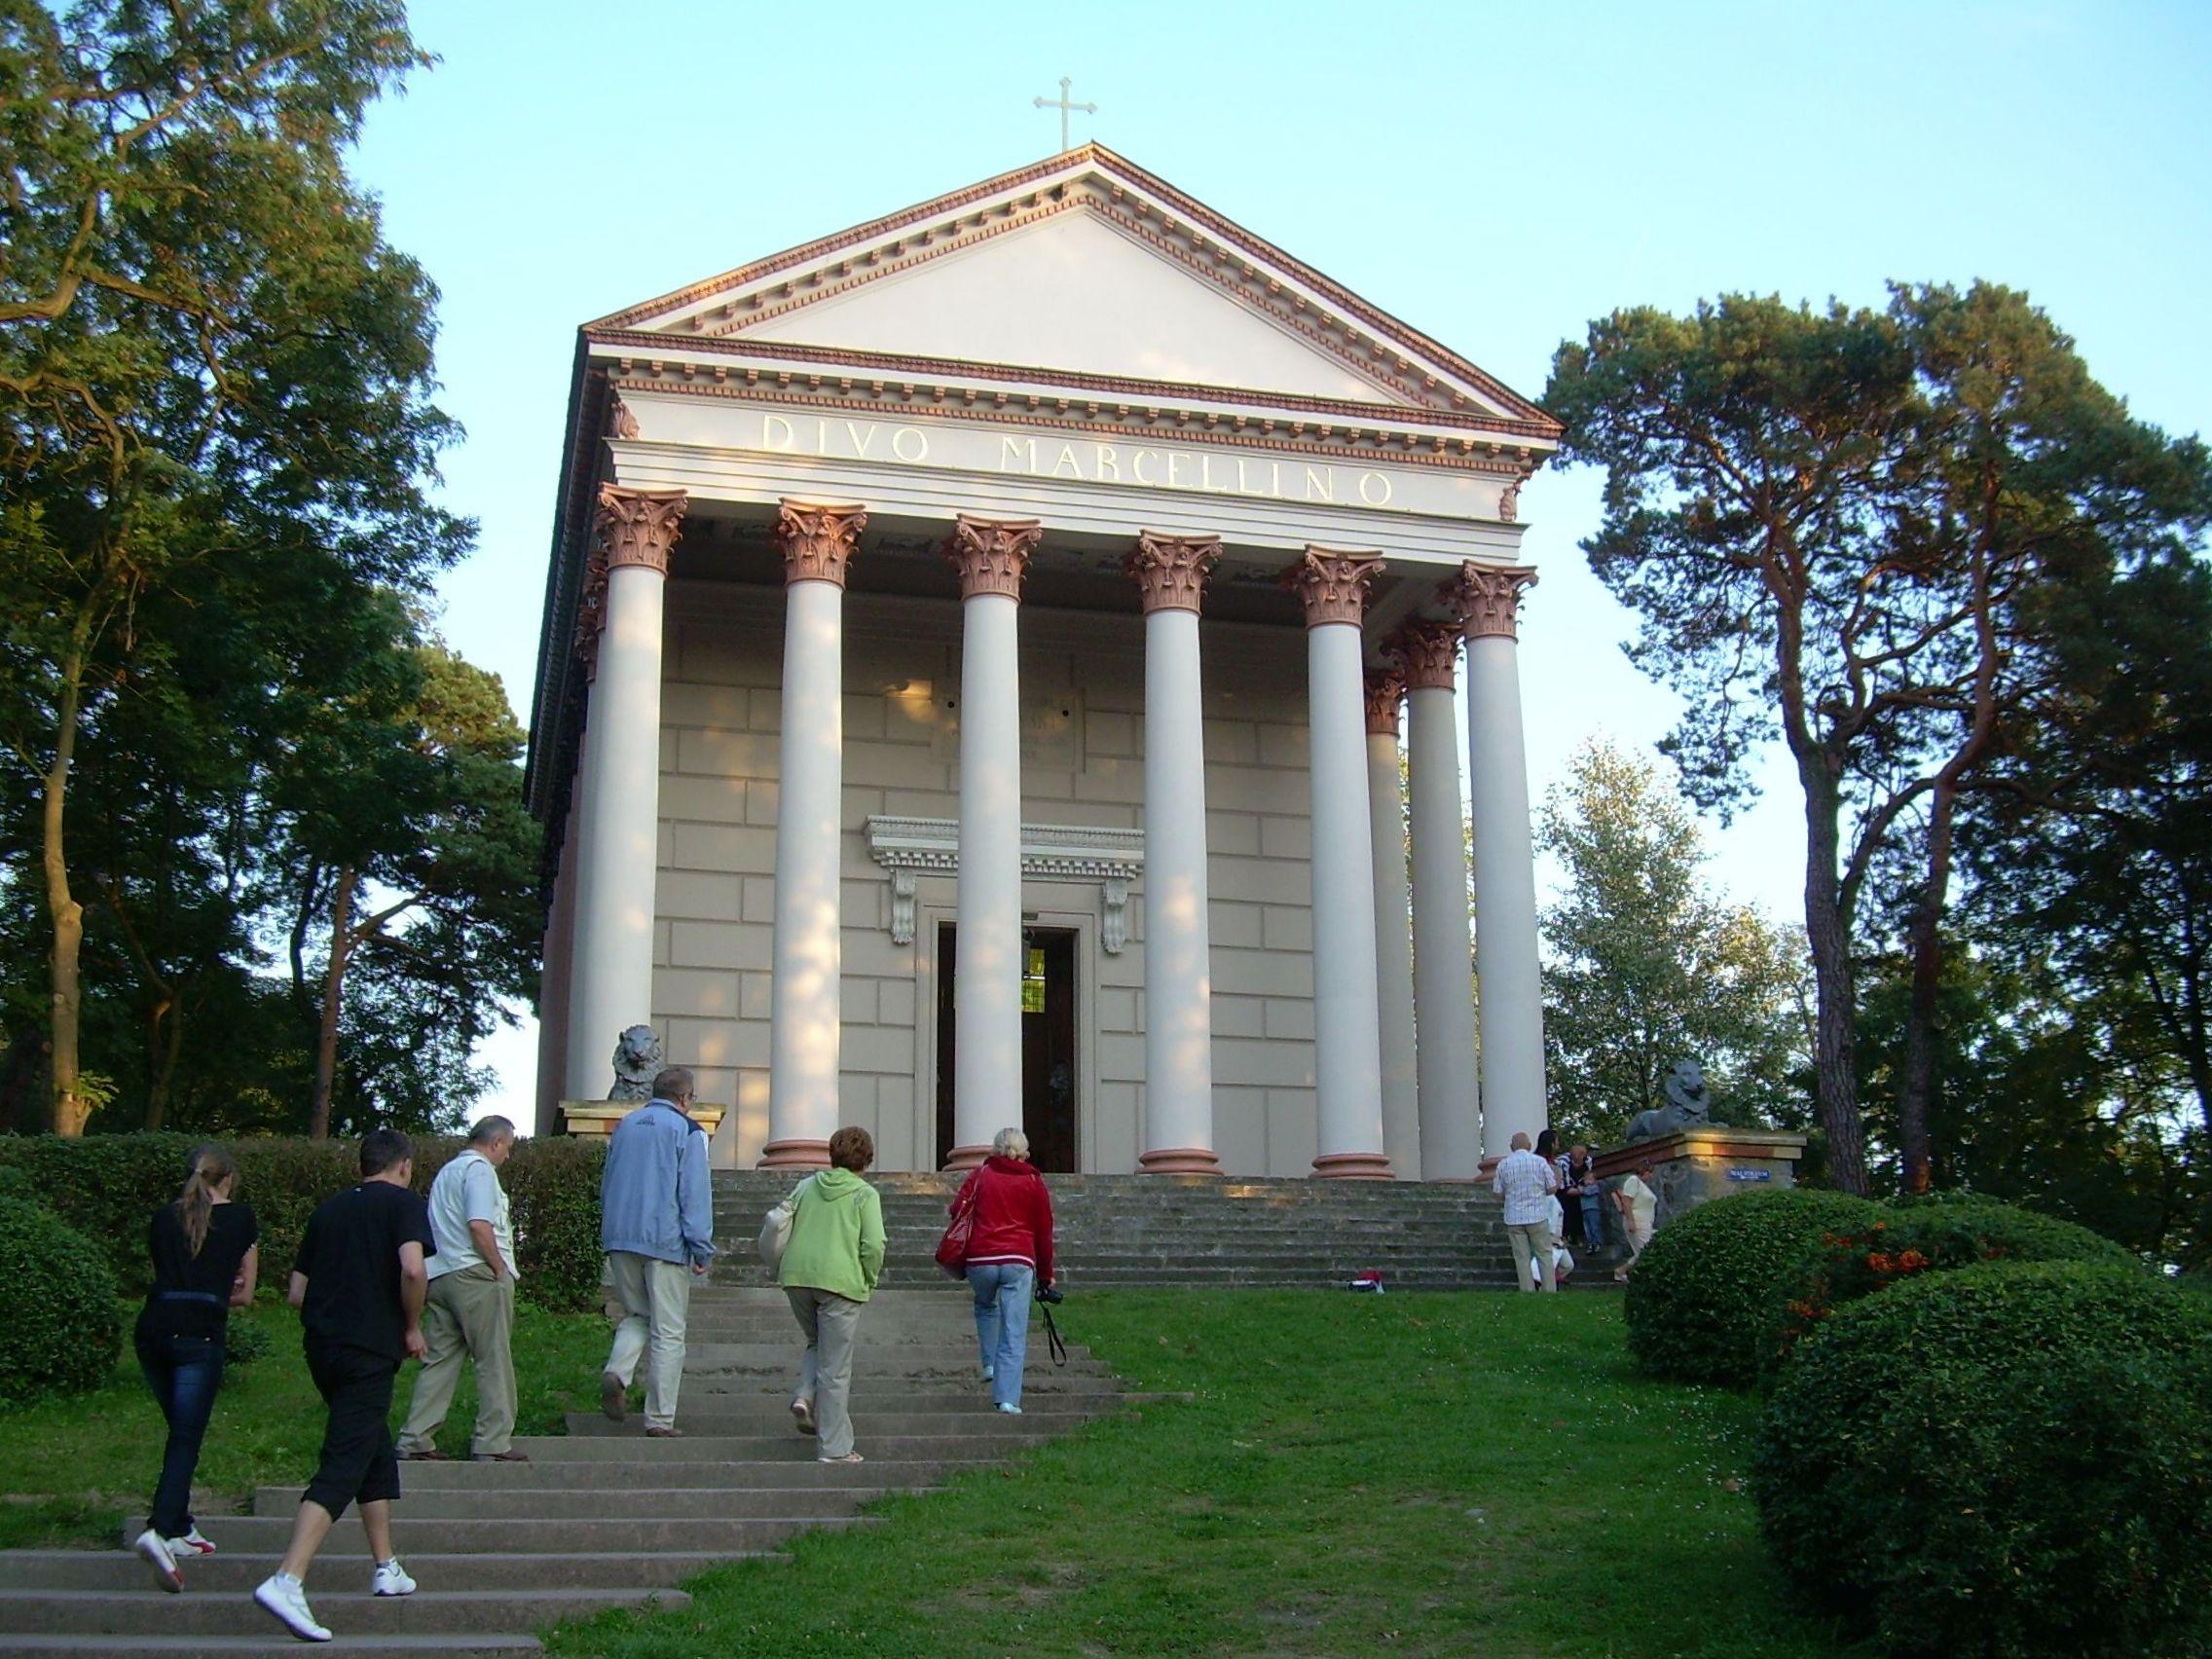 1 Kaplica pw. Świętego Marcelina